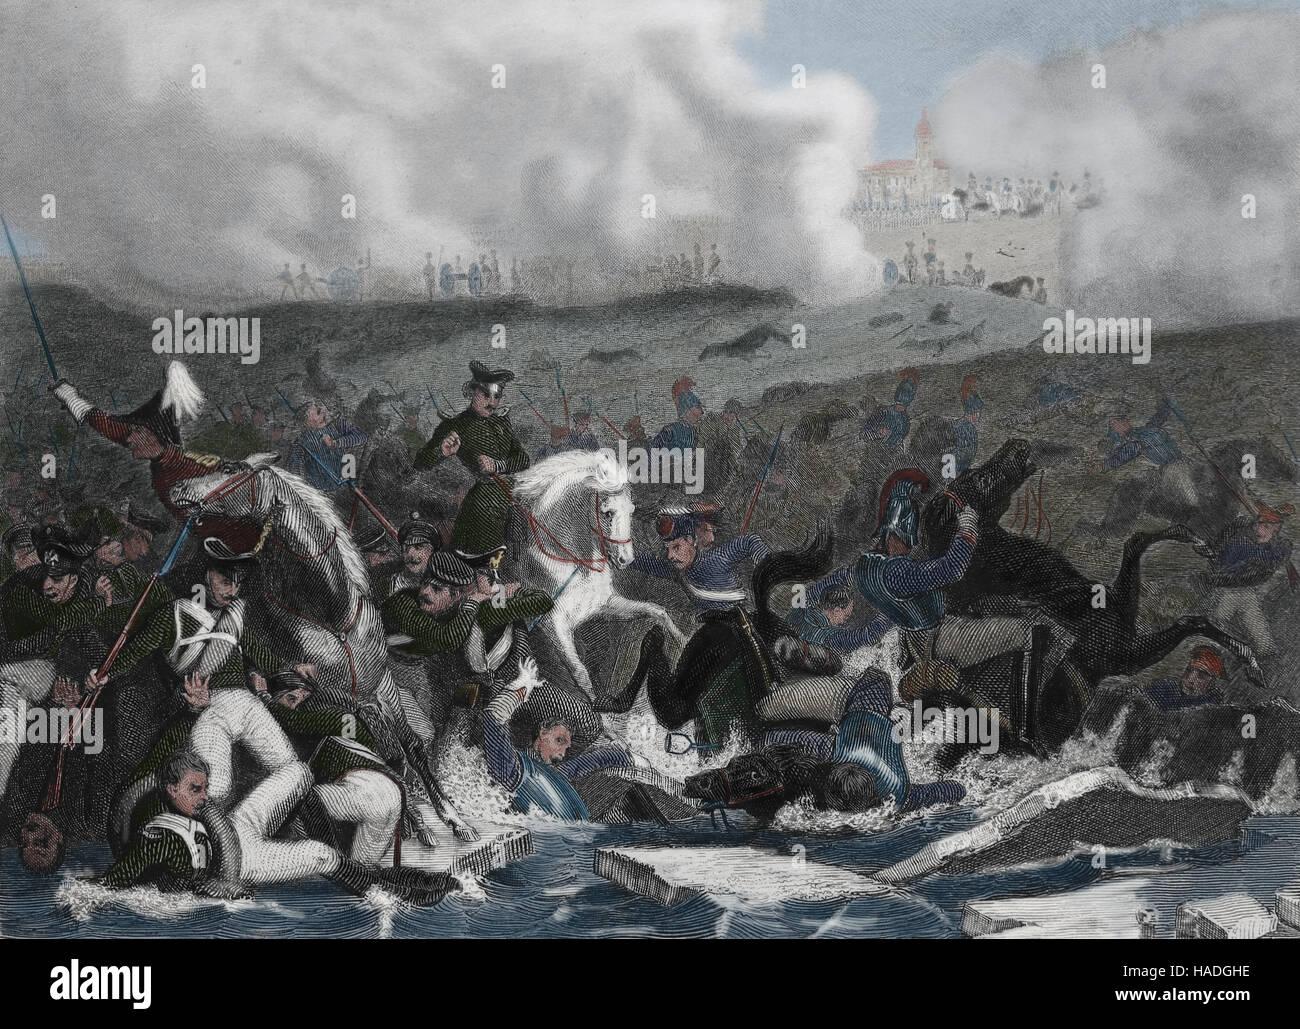 La batalla de Austerlitz o Batalla de 3 emperadores. 2 de diciembre de 1805. Las guerras napoleónicas. Grabado. Foto de stock